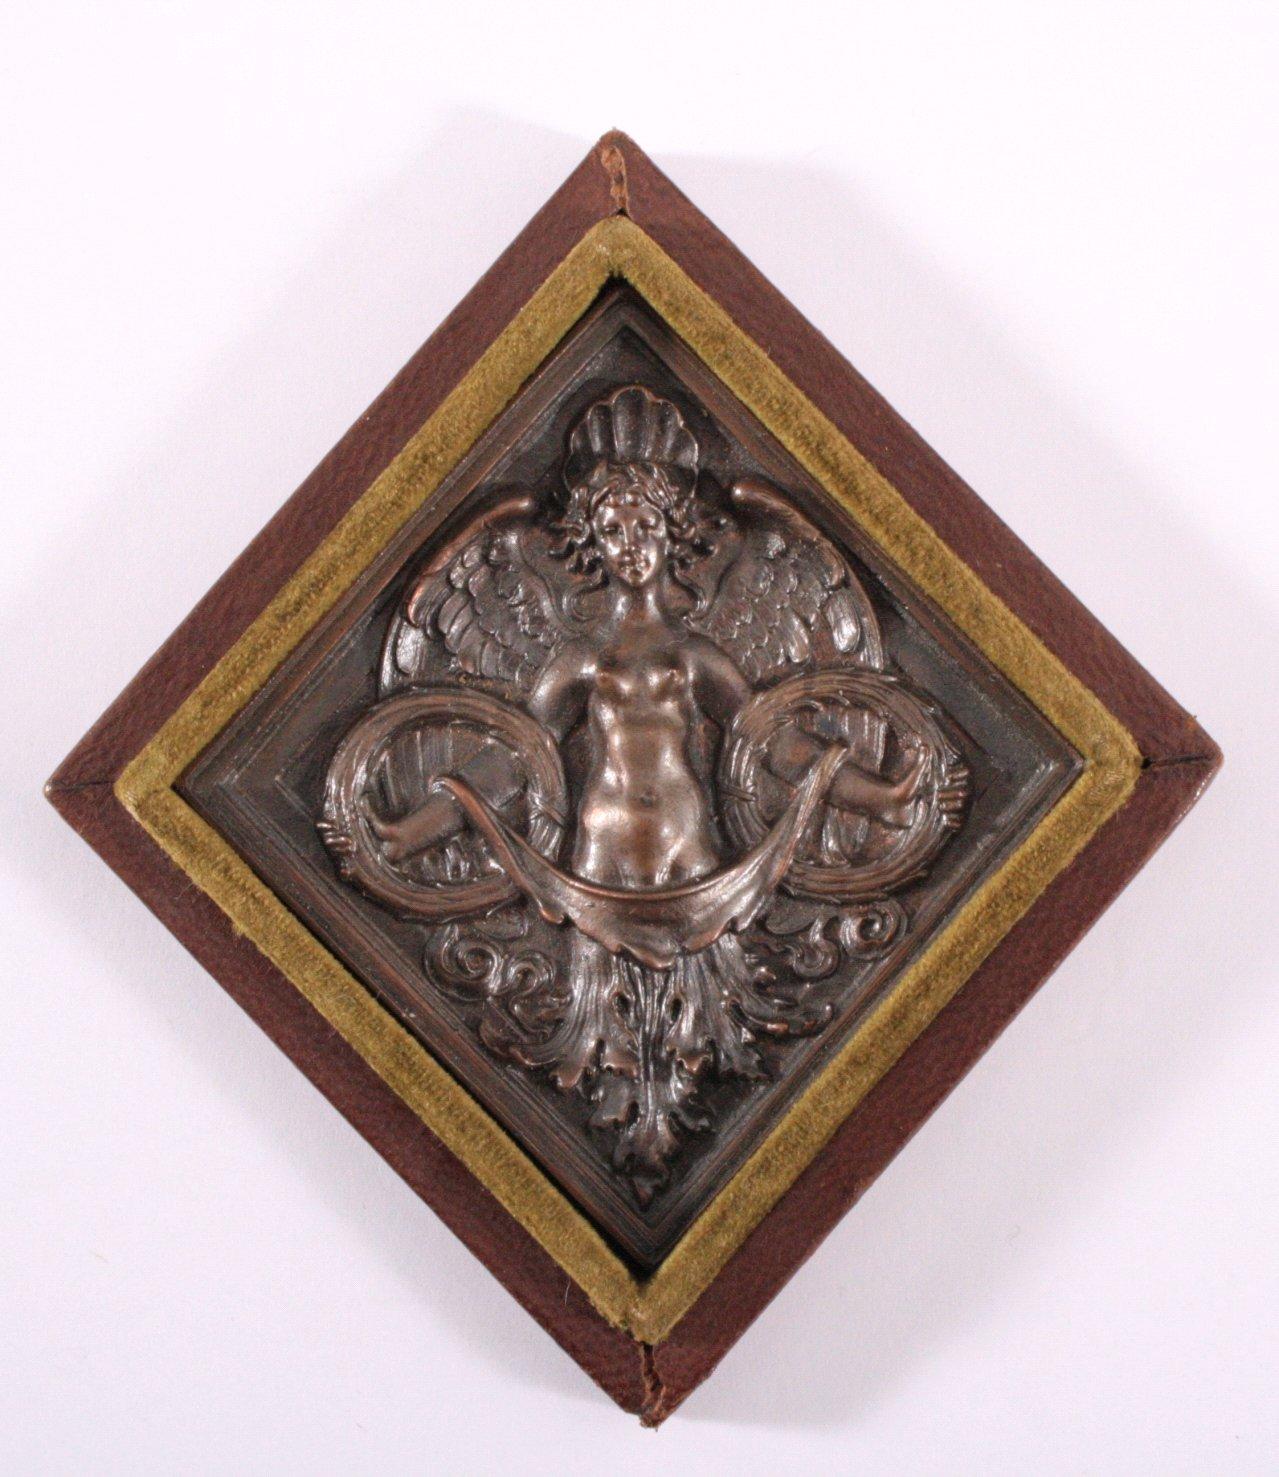 Plakette Deutsch Nationale Kunstgewerbeausstellung 1888